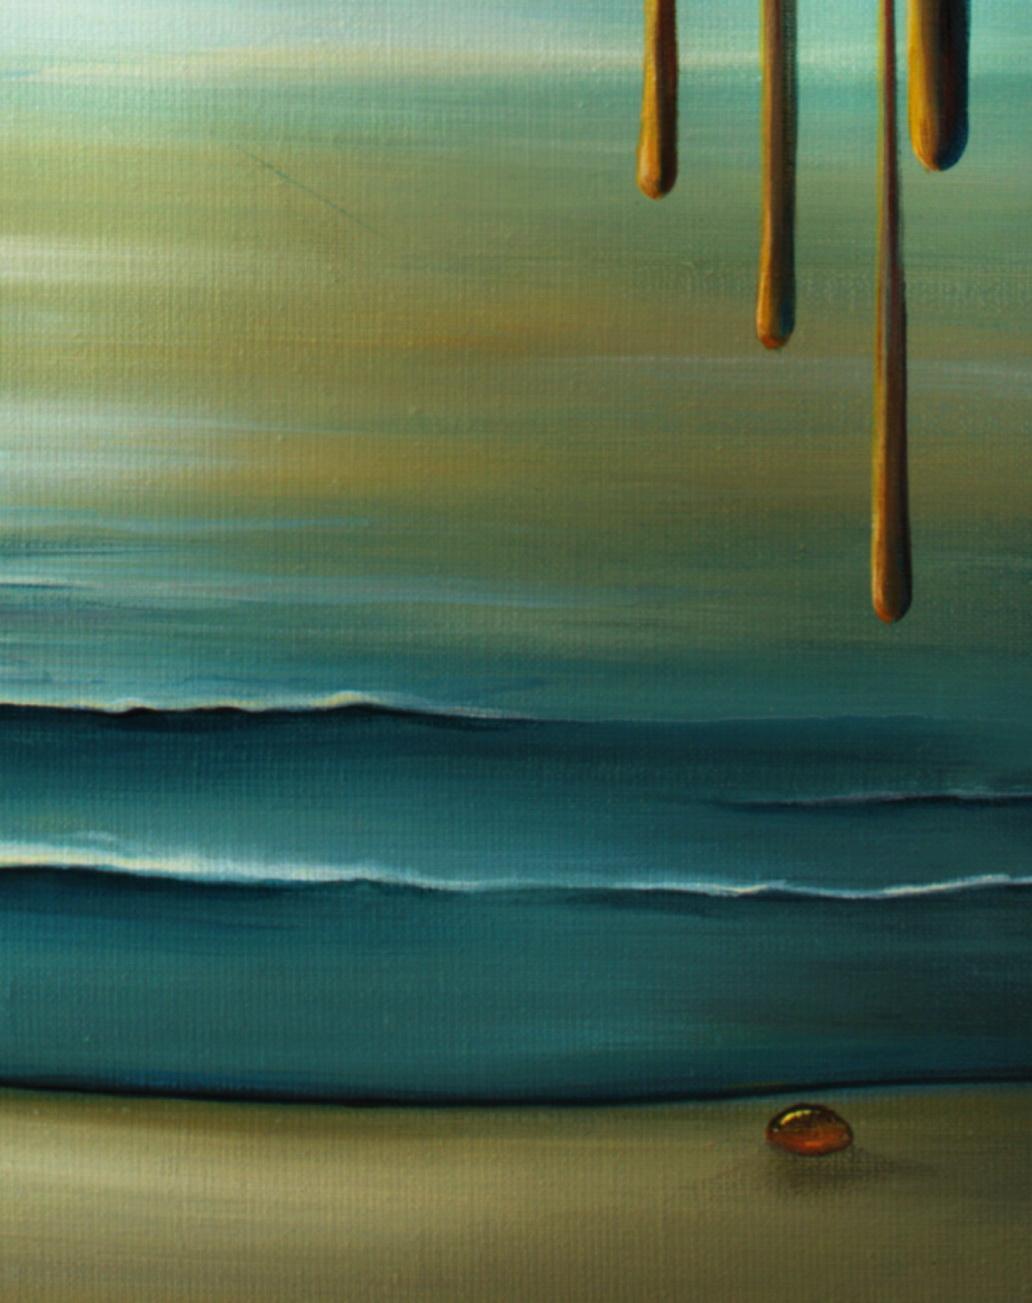 ART_paint_Slyszysz_Cisze_03